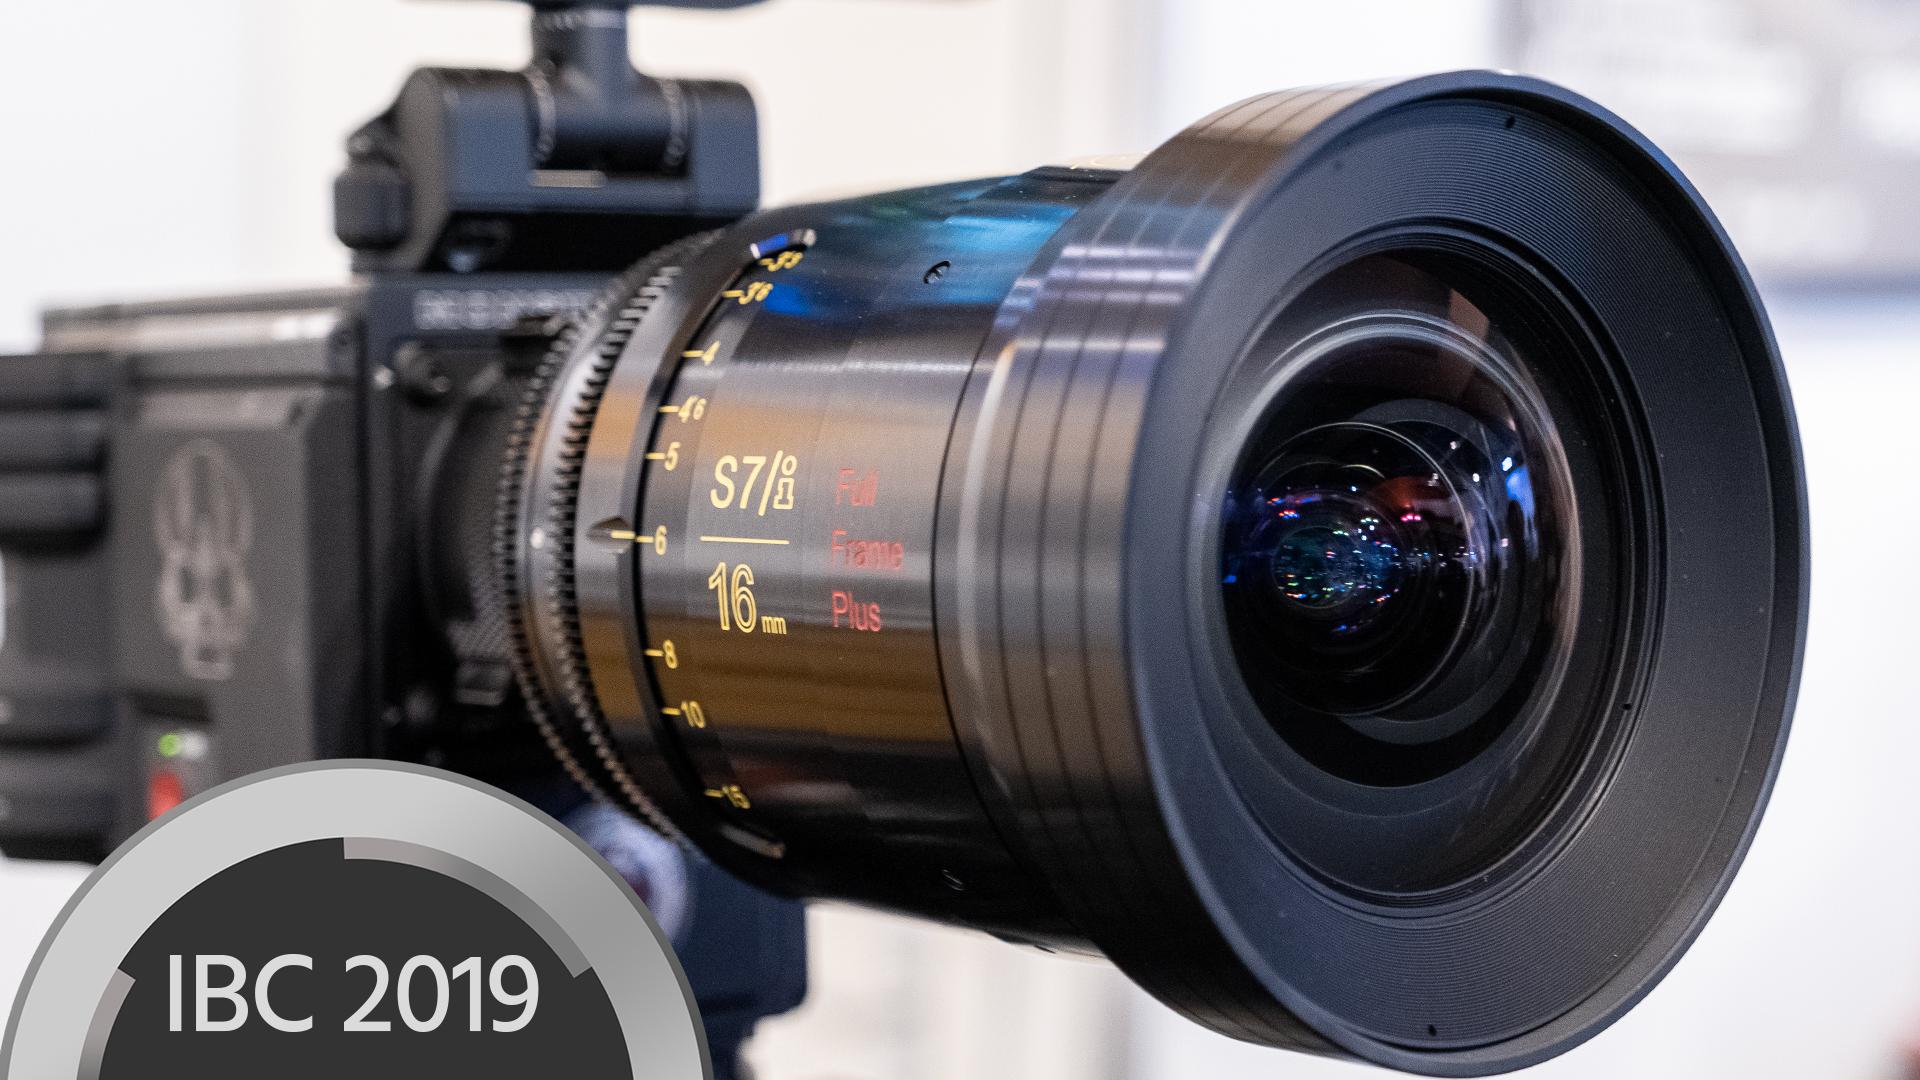 クックがS7/i 16mmフルフレームとnamorphic/i 135mm FF+を発表